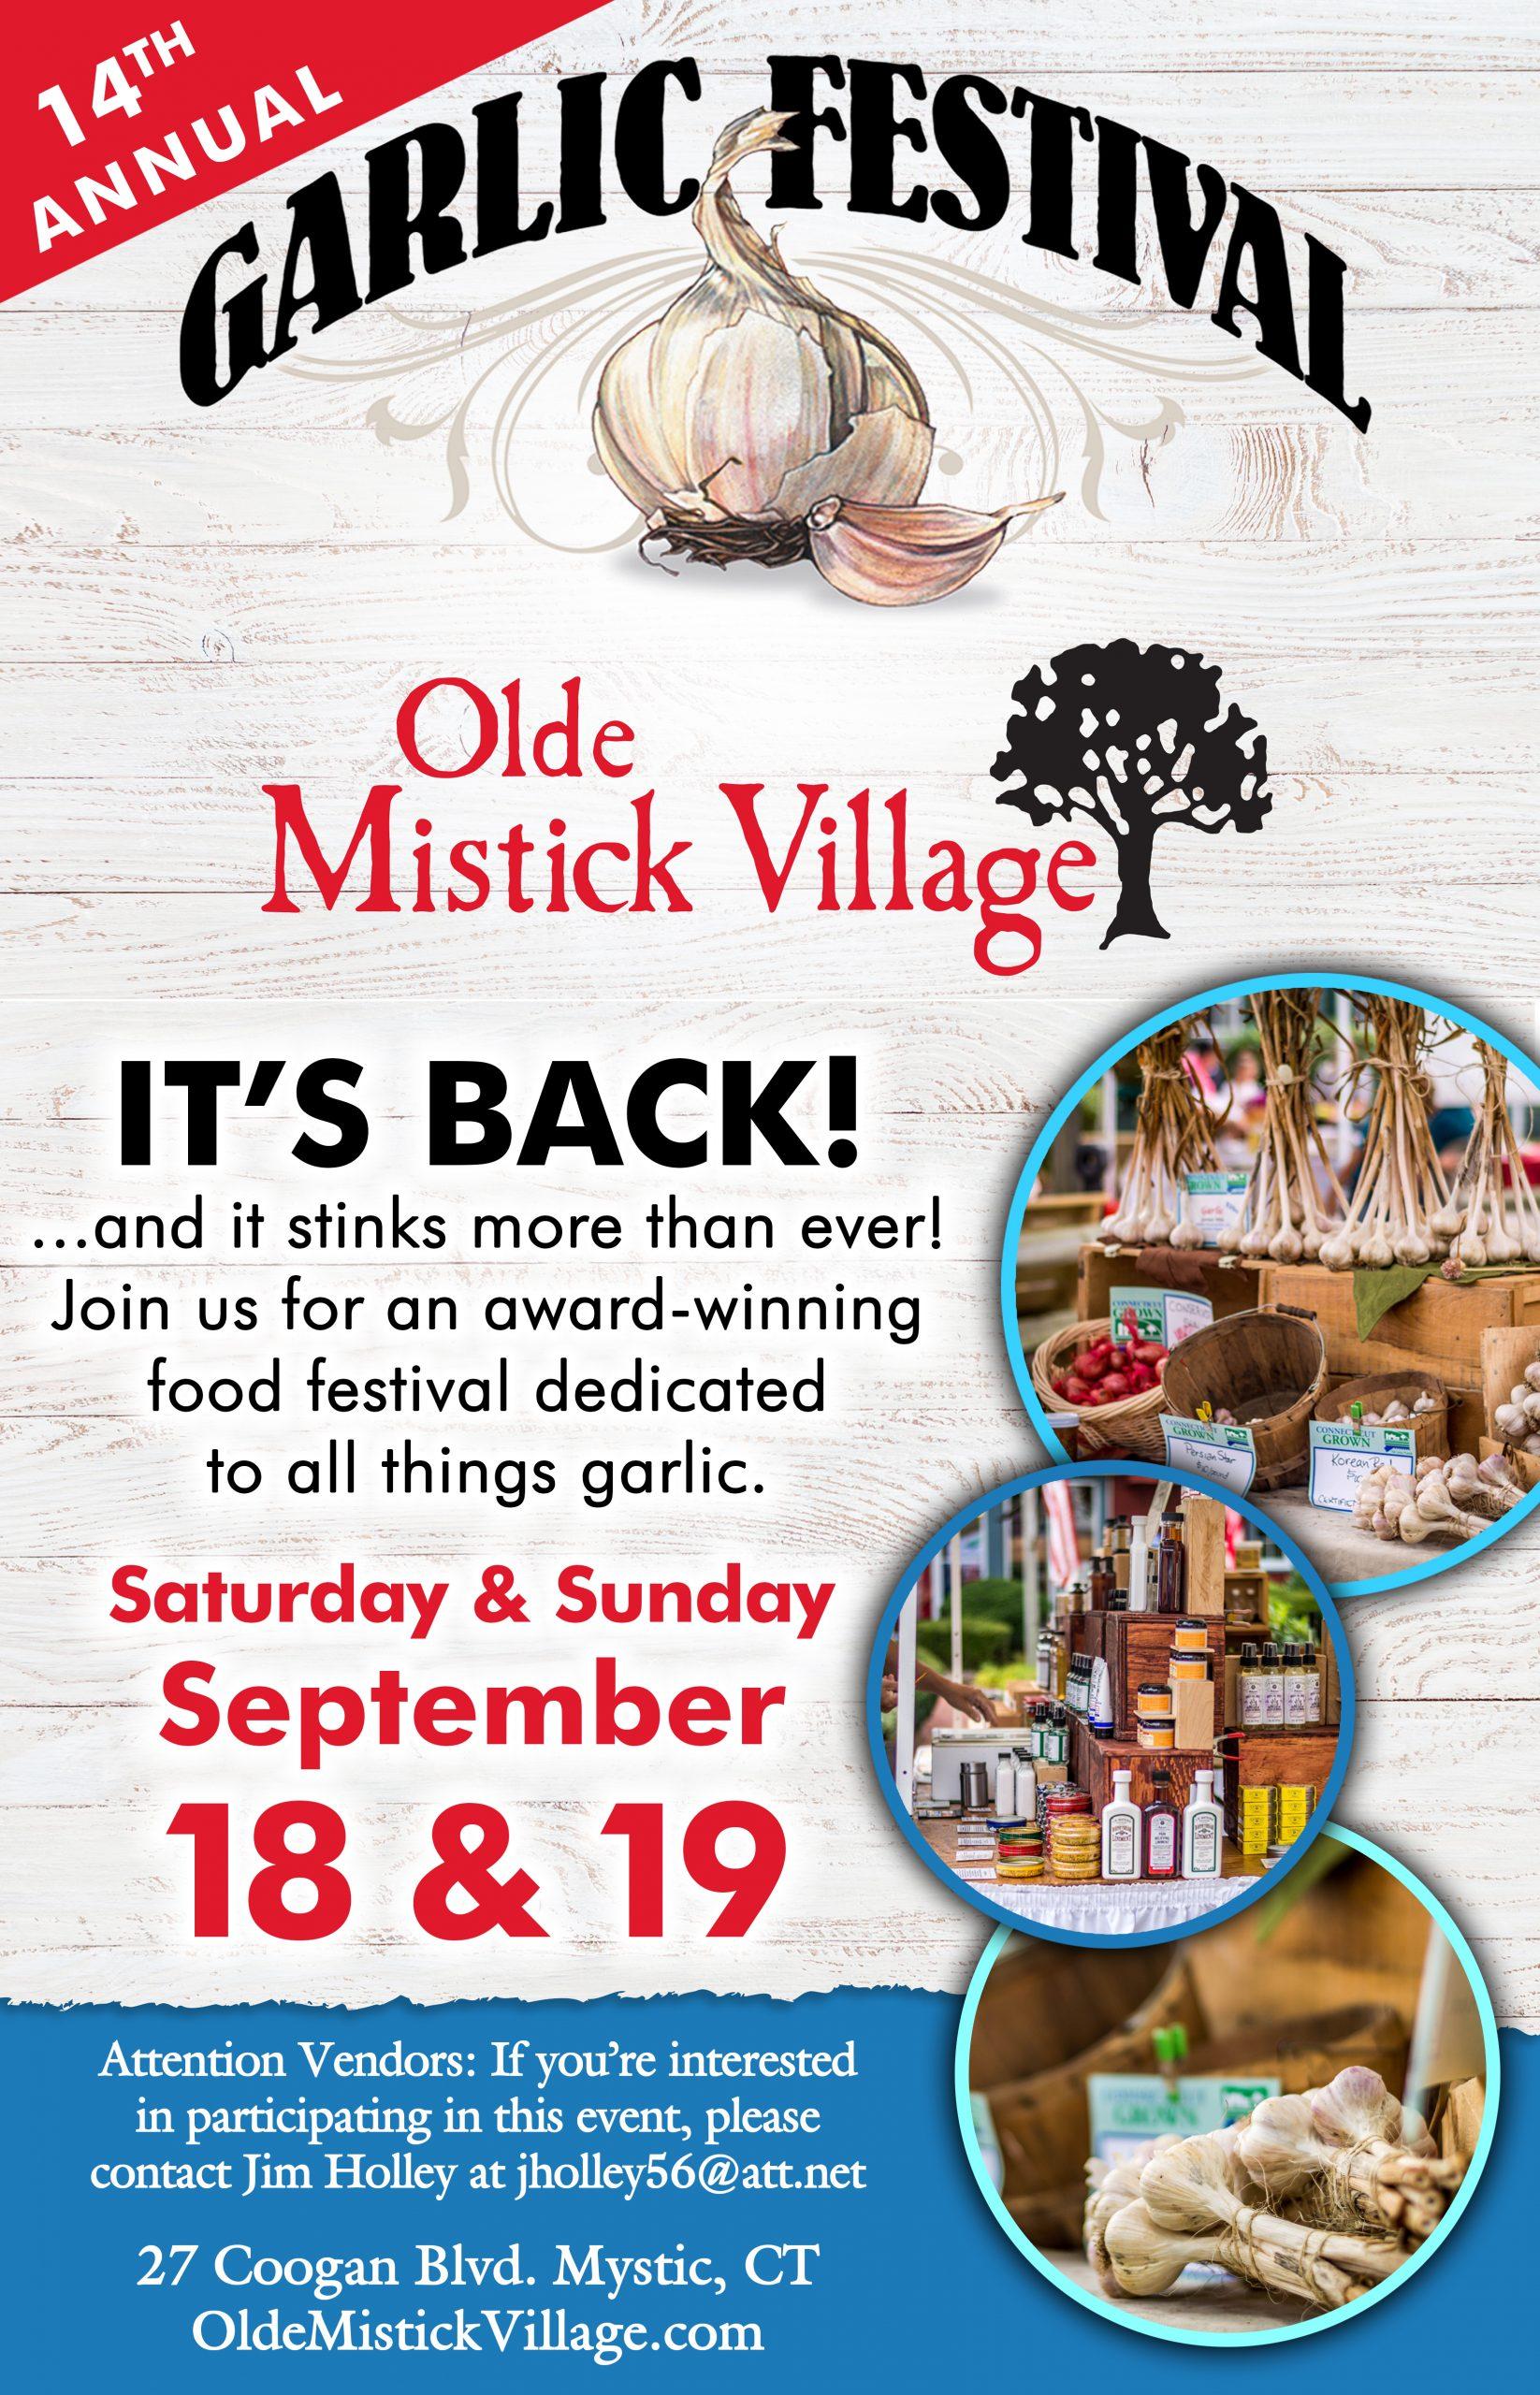 Omv Garlic Fest Poster 2